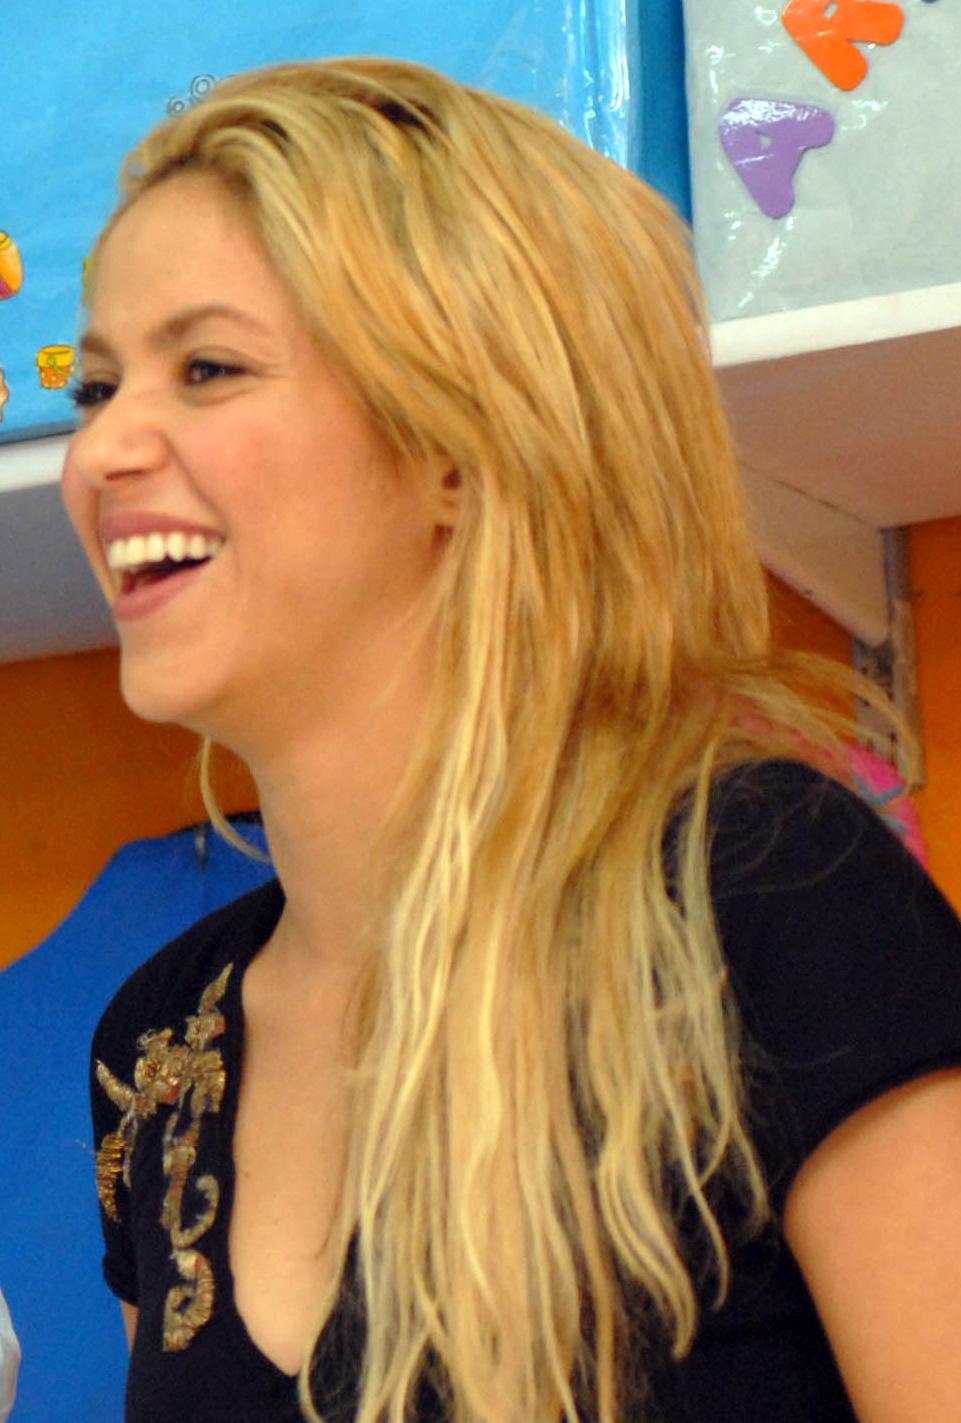 Shakira - Wikipedia Shakira